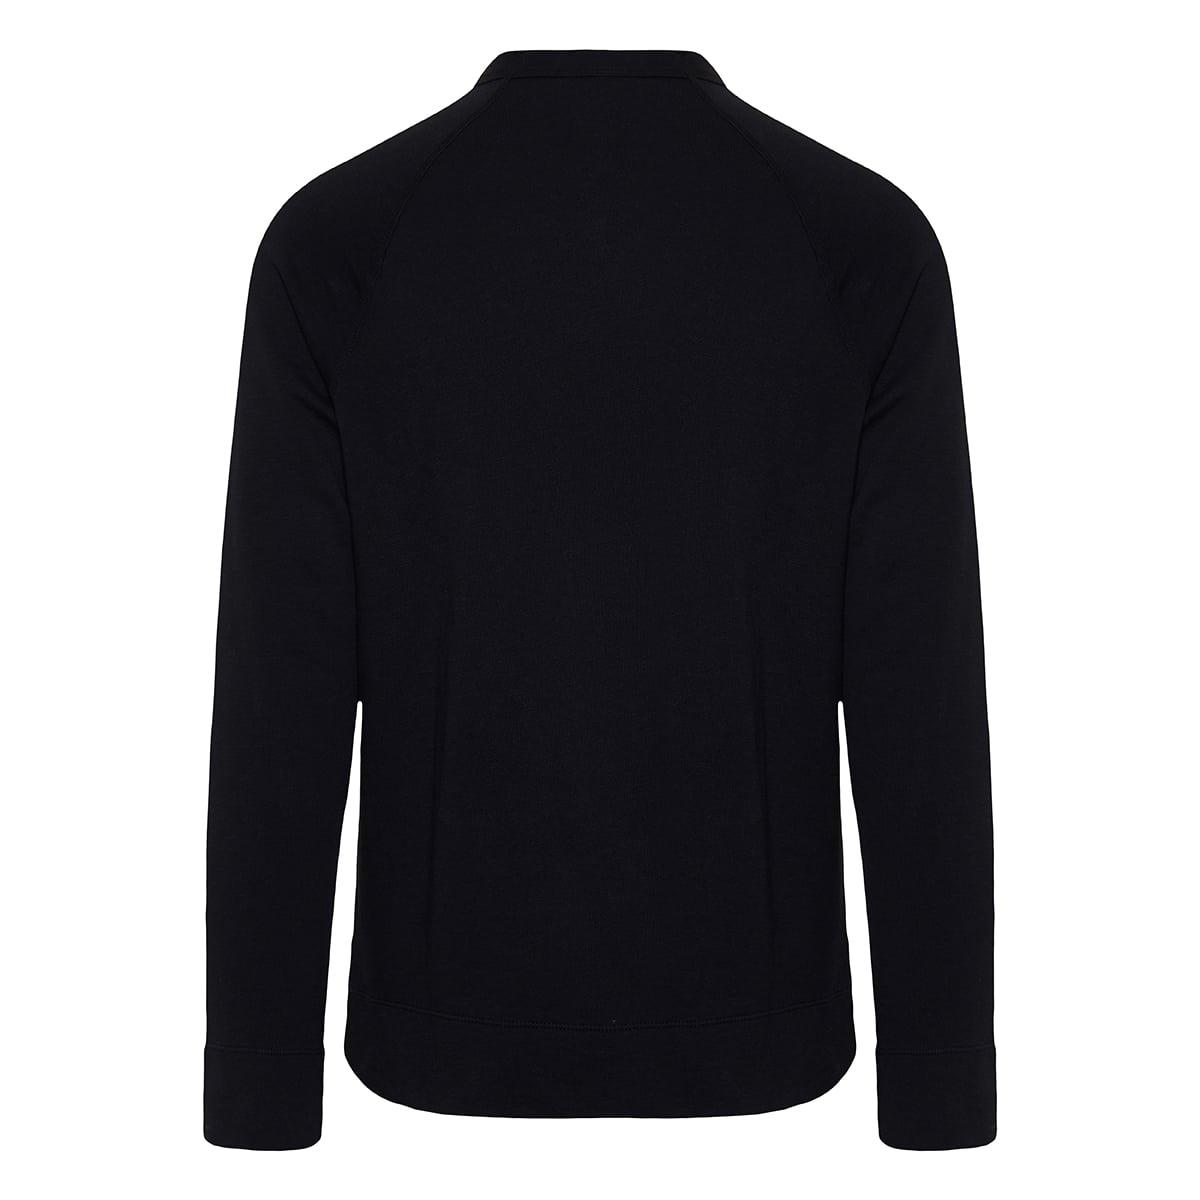 Cotton fleece sweatshirt